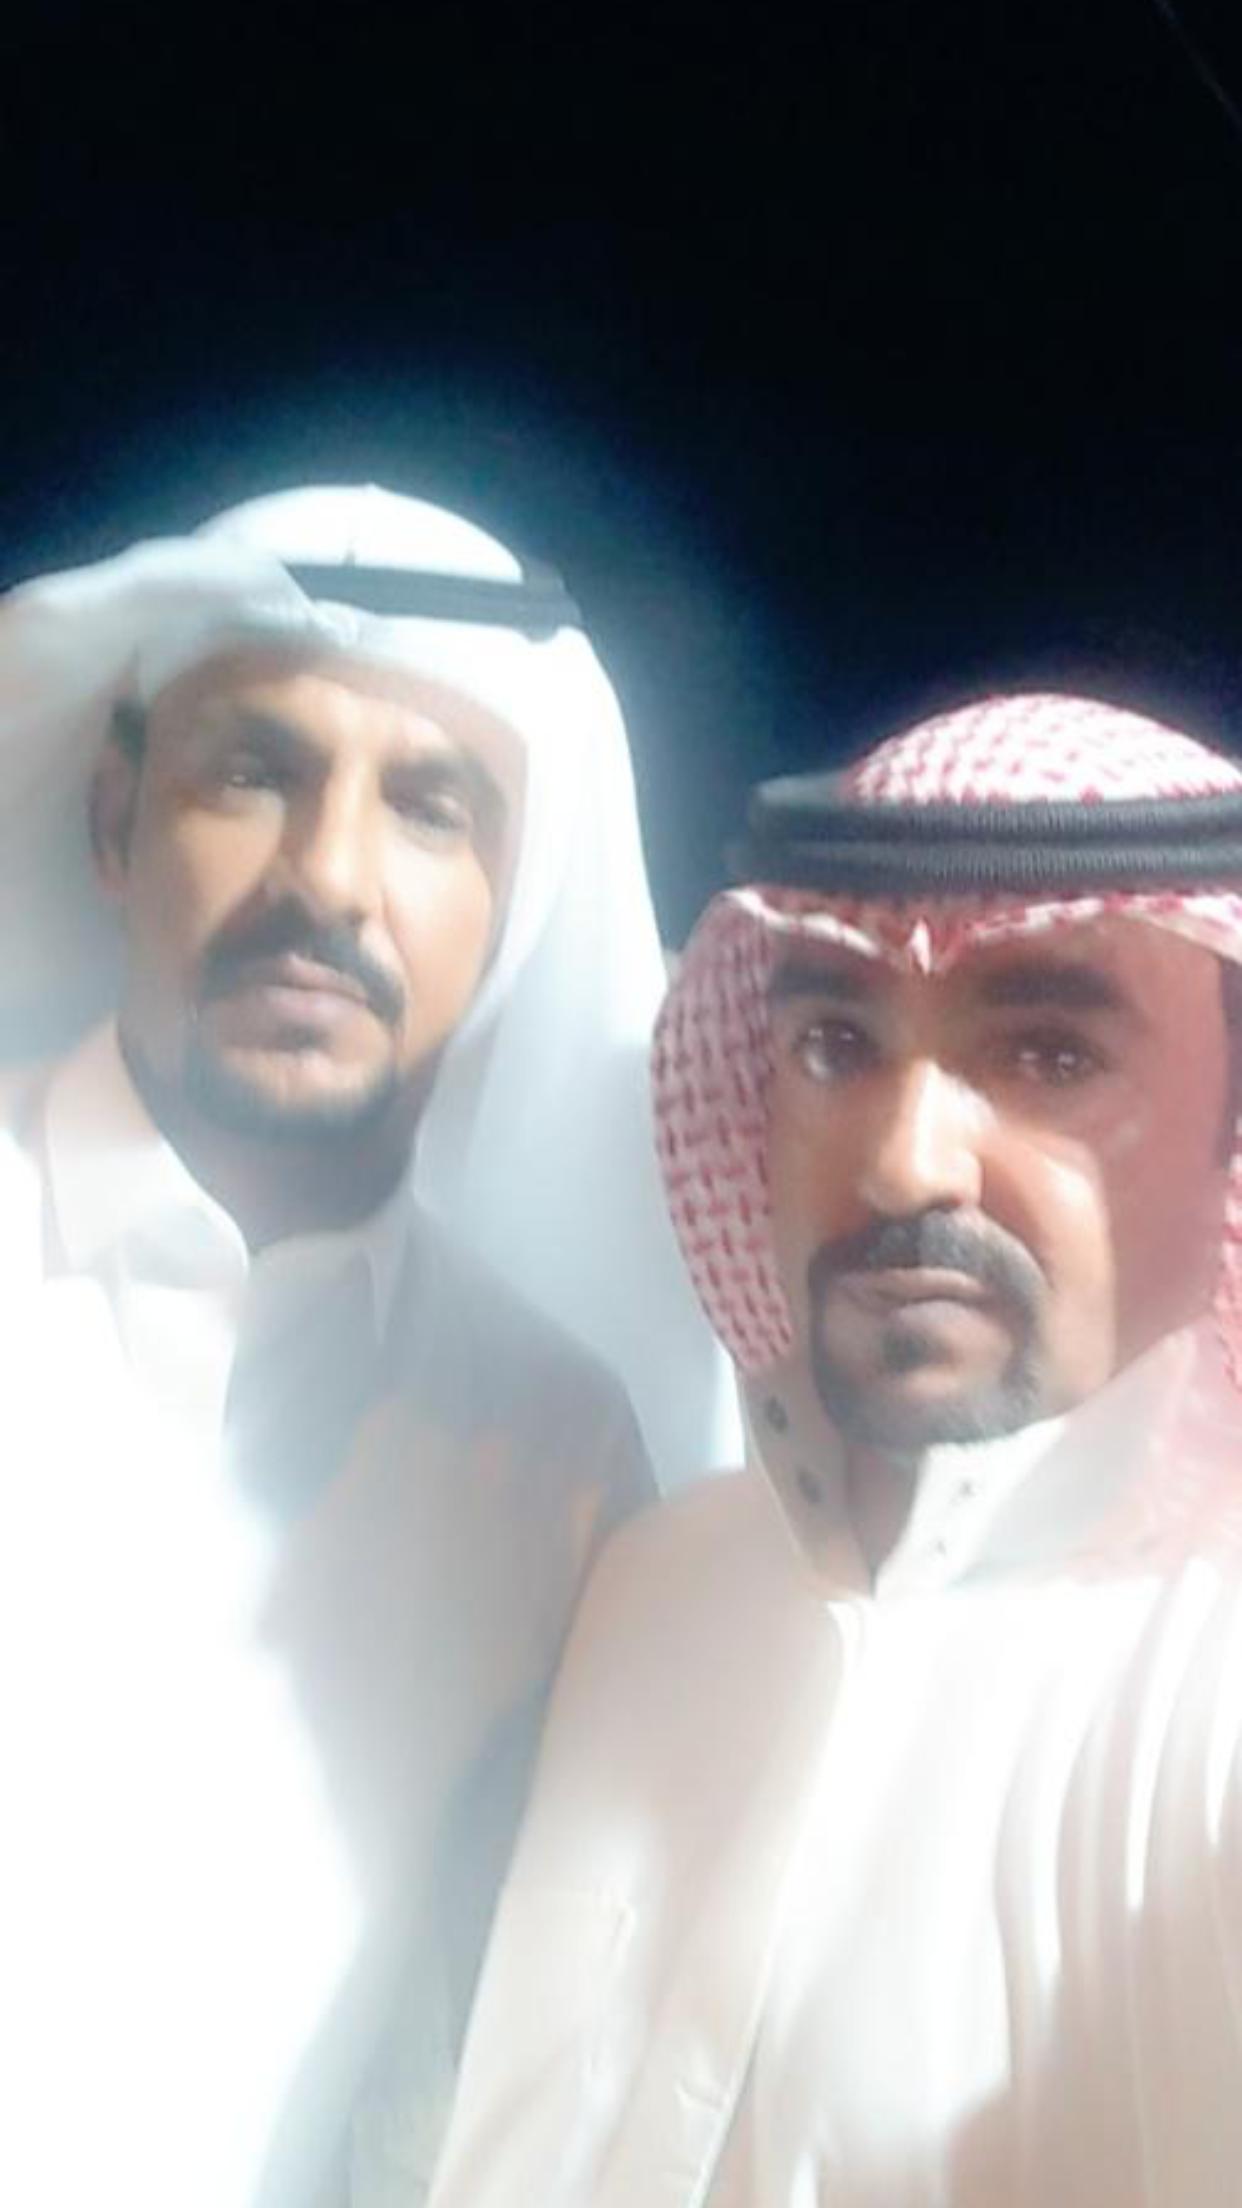 الشاب / حمدان فرج الجحم البلوي يحتفل بزواجه 4DCAAAF5 DE73 4B43 9802 AA0BA76D22AE